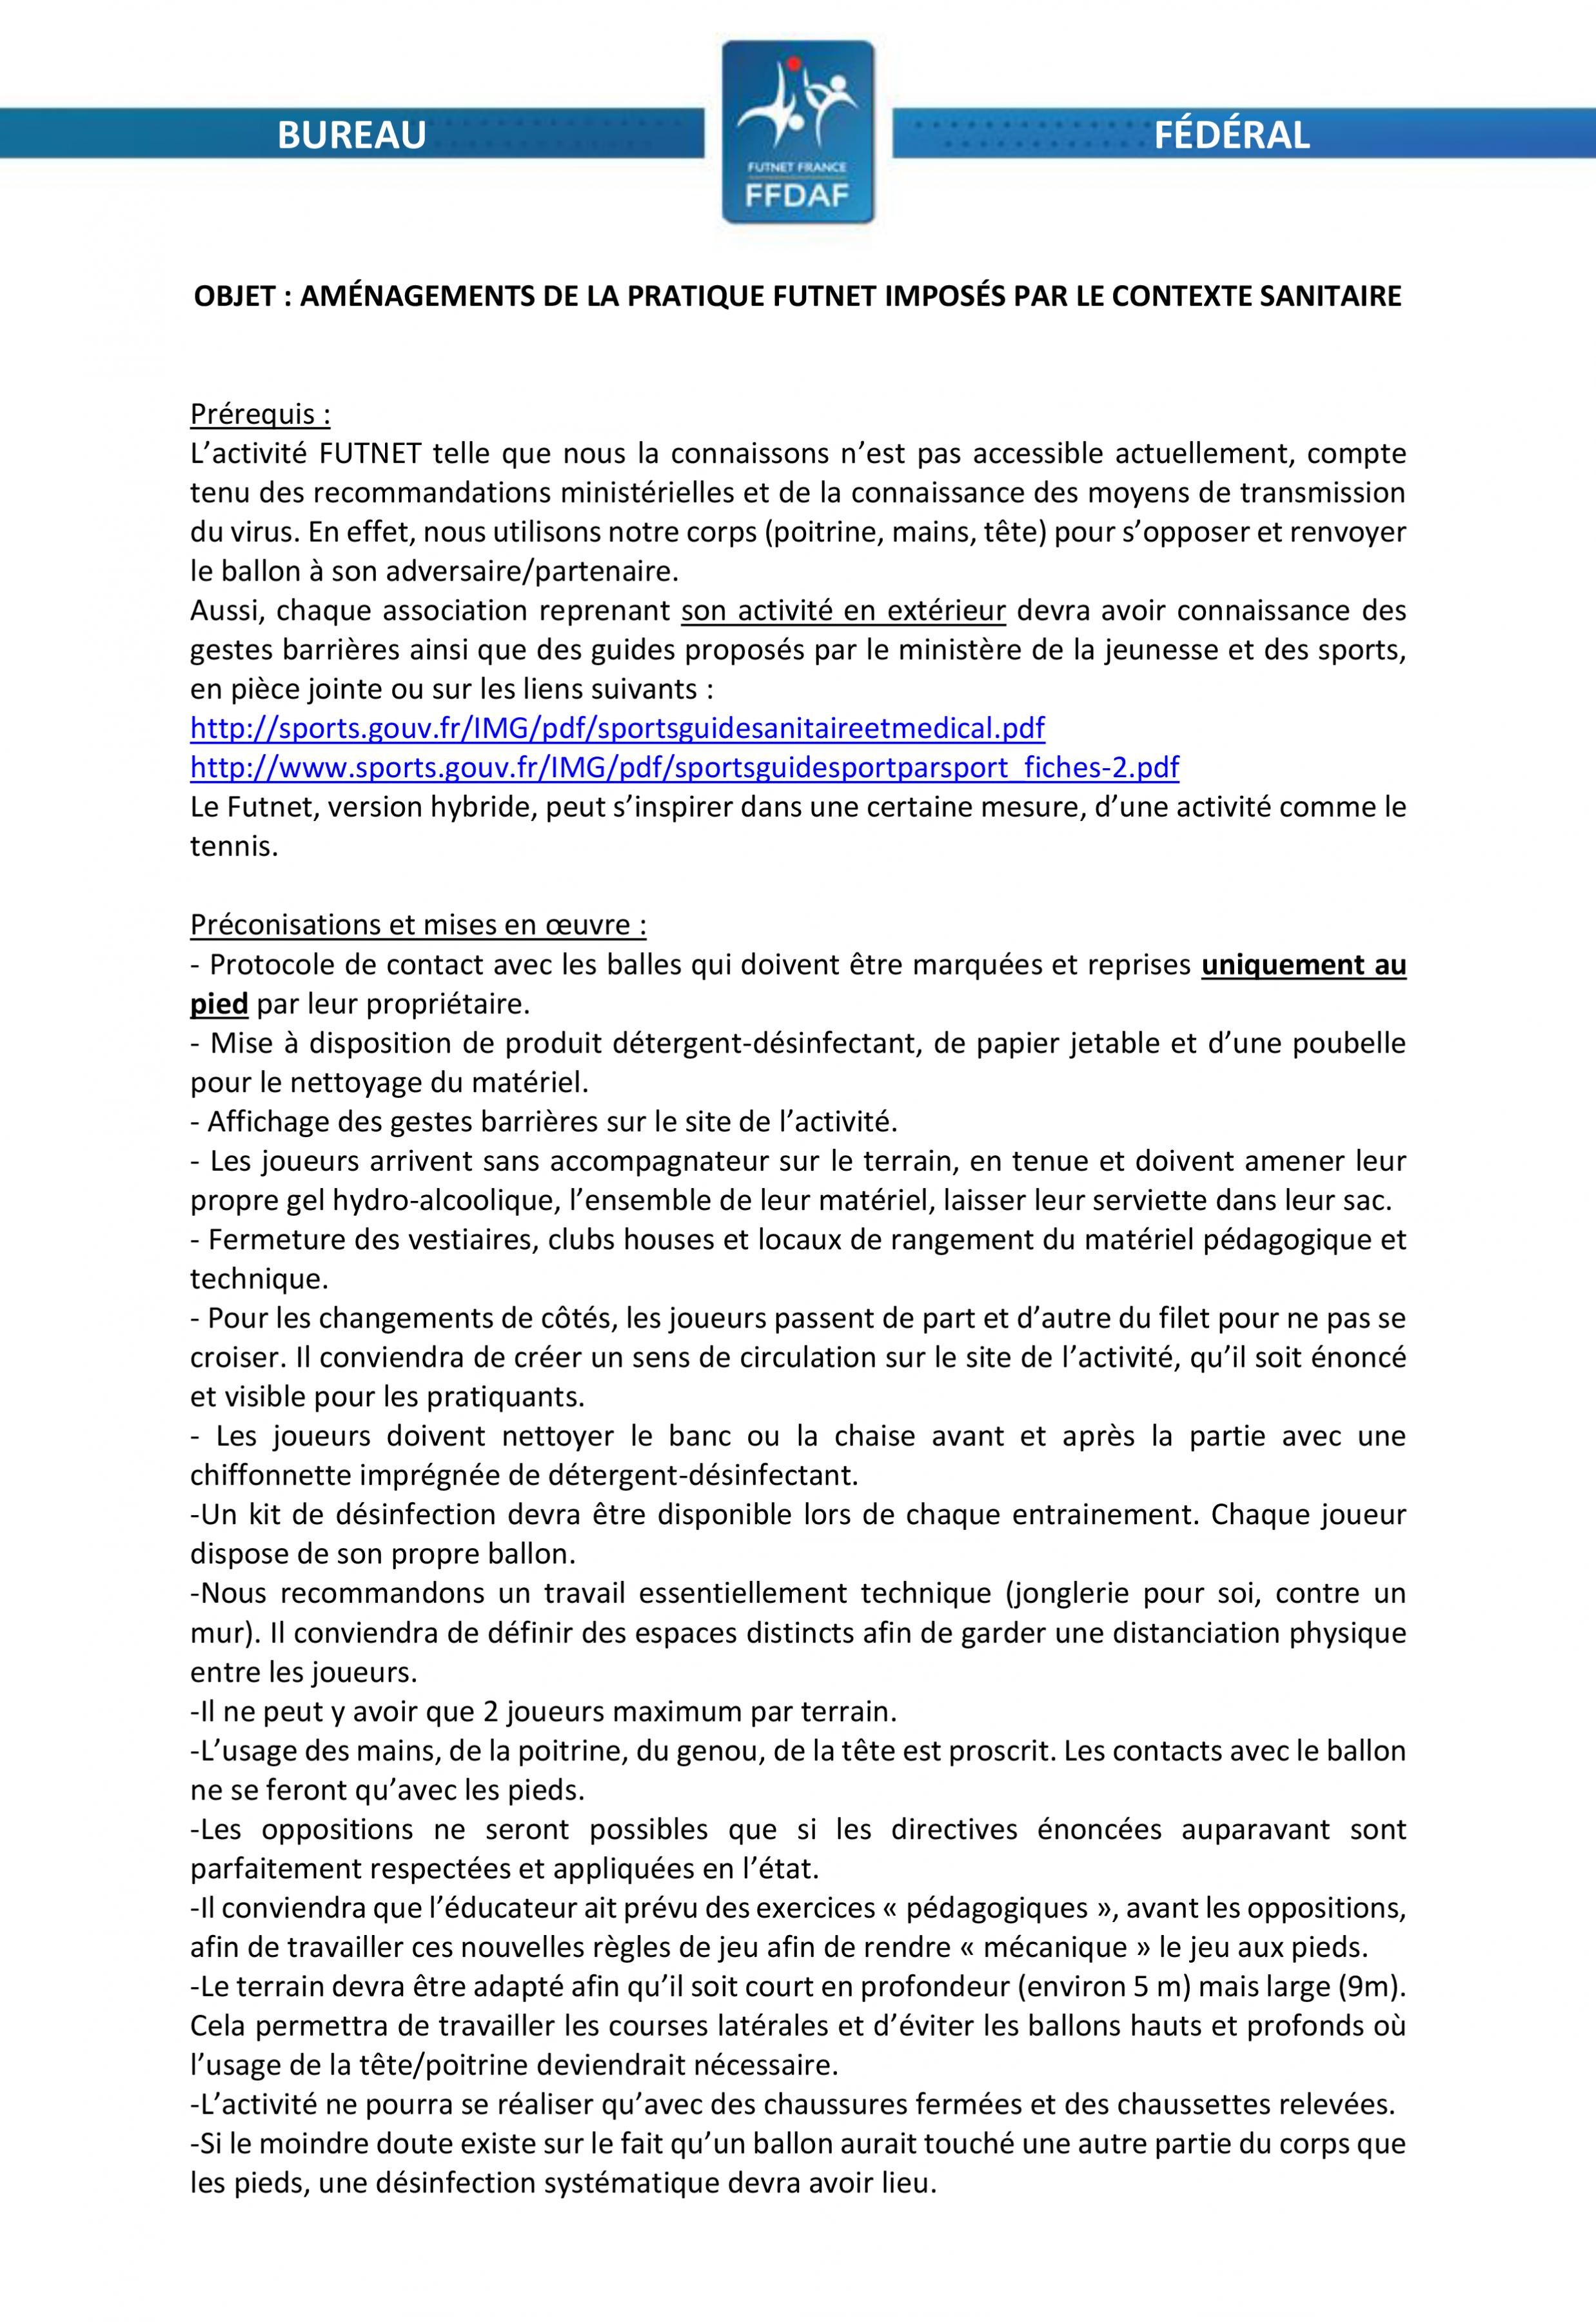 AMÉNAGEMENTS-DE-LA-PRATIQUE-FUTNET-IMPOSÉS-PAR-LE-CONTEXTE-SANITAIRE-V1-1-1